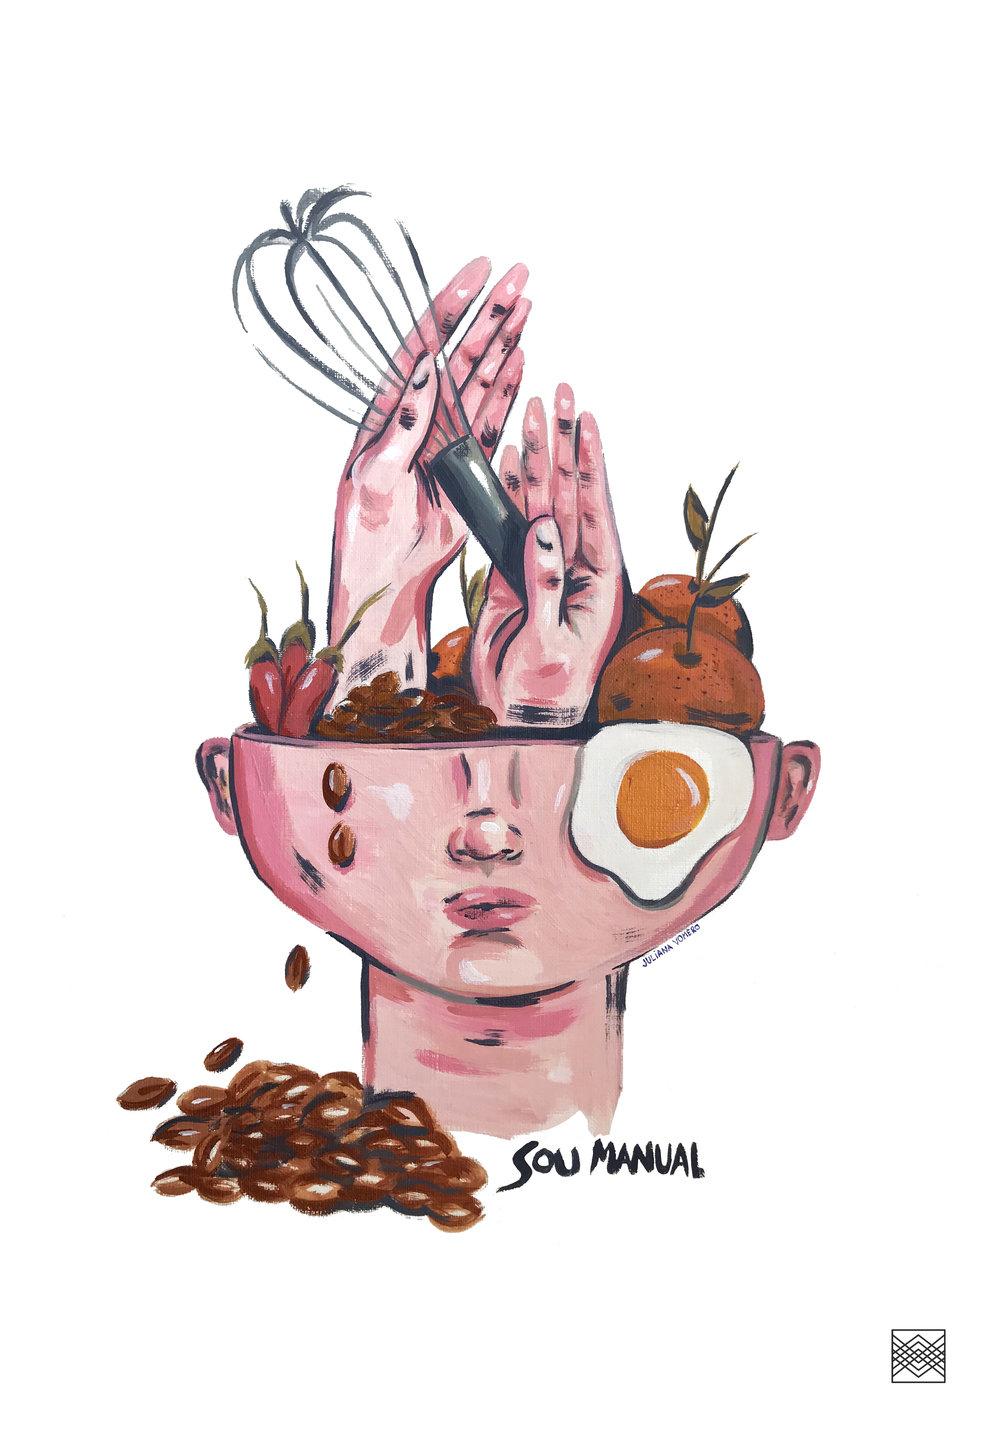 soumanual_gastronomia.jpg